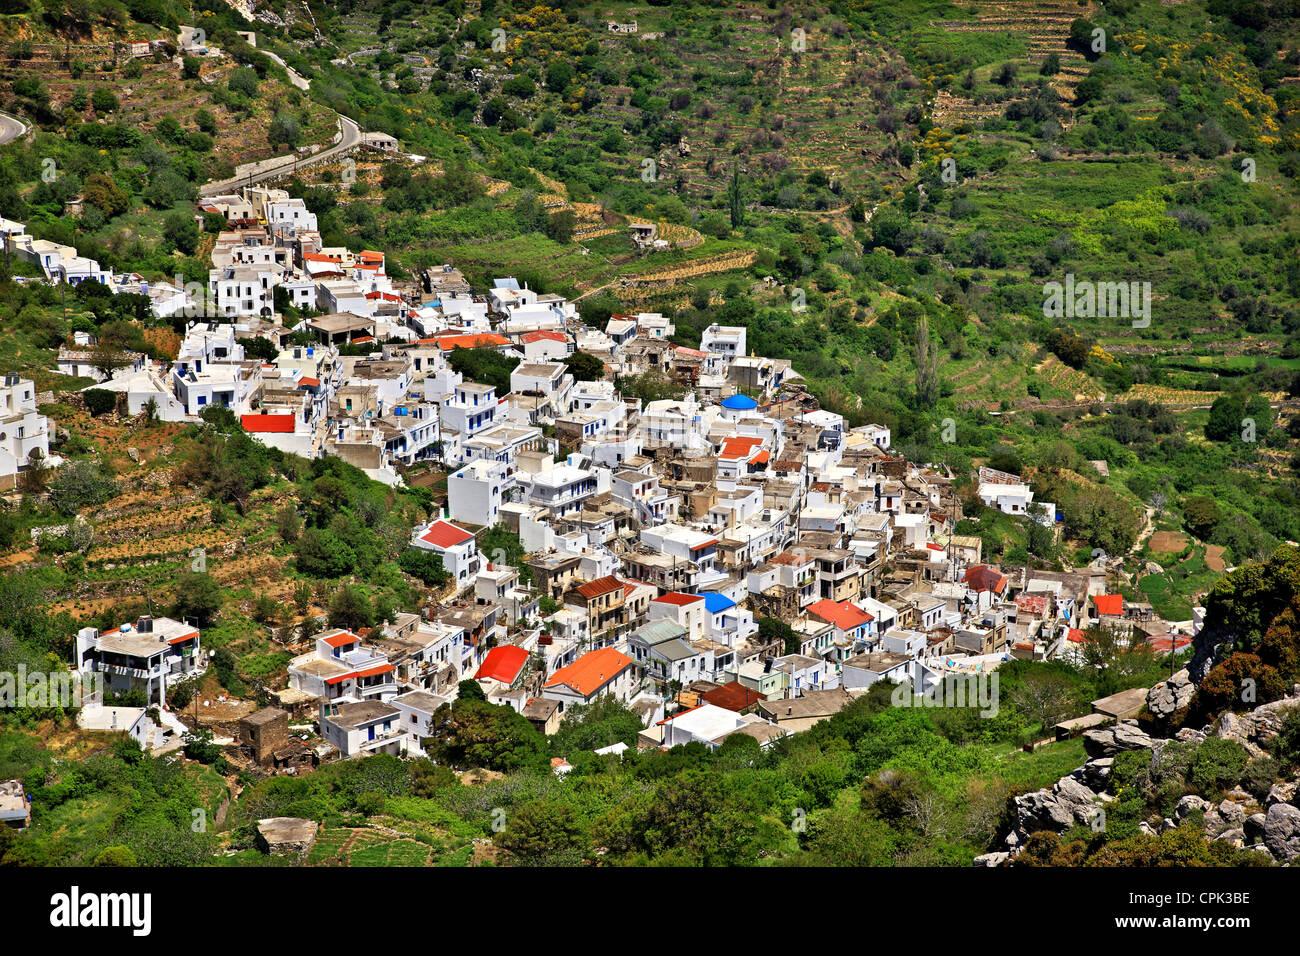 Koronos village, l'un des plus beaux villages de montagne de l'île de Naxos, Cyclades, en Grèce. Photo Stock